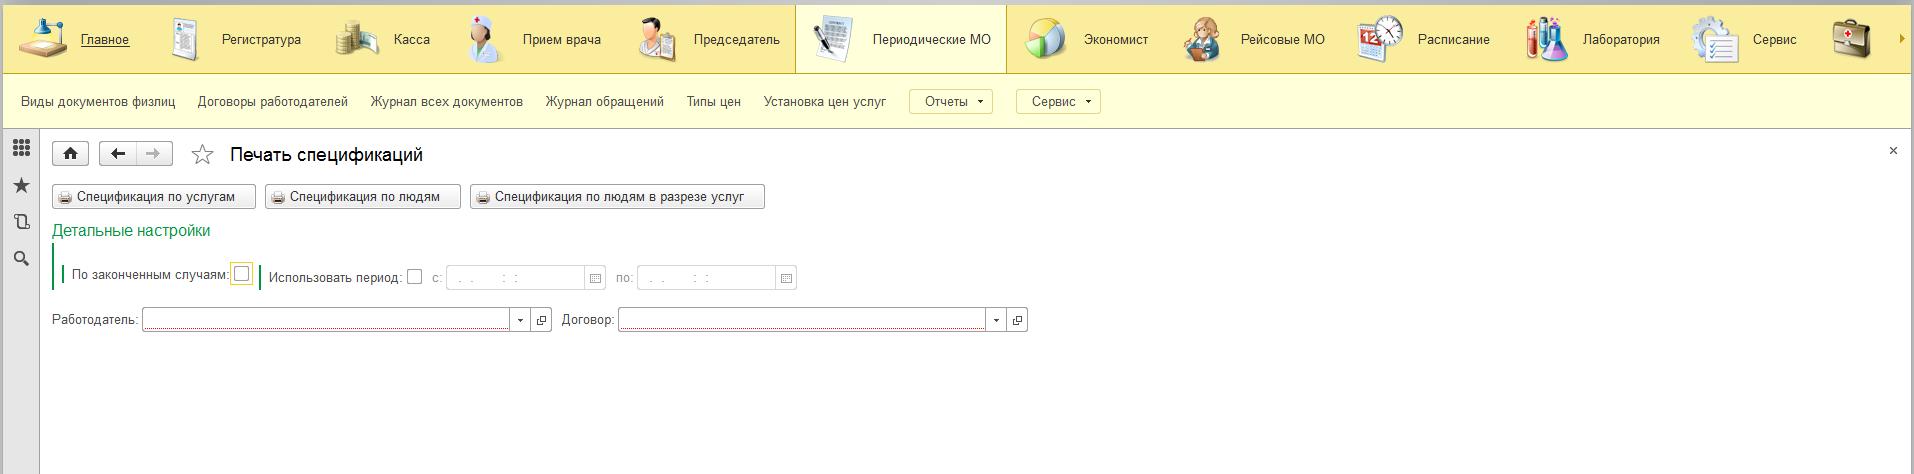 бланк медосмотра по приказ минздравсоцразвития россии 302н от 12 апреля 2011 г